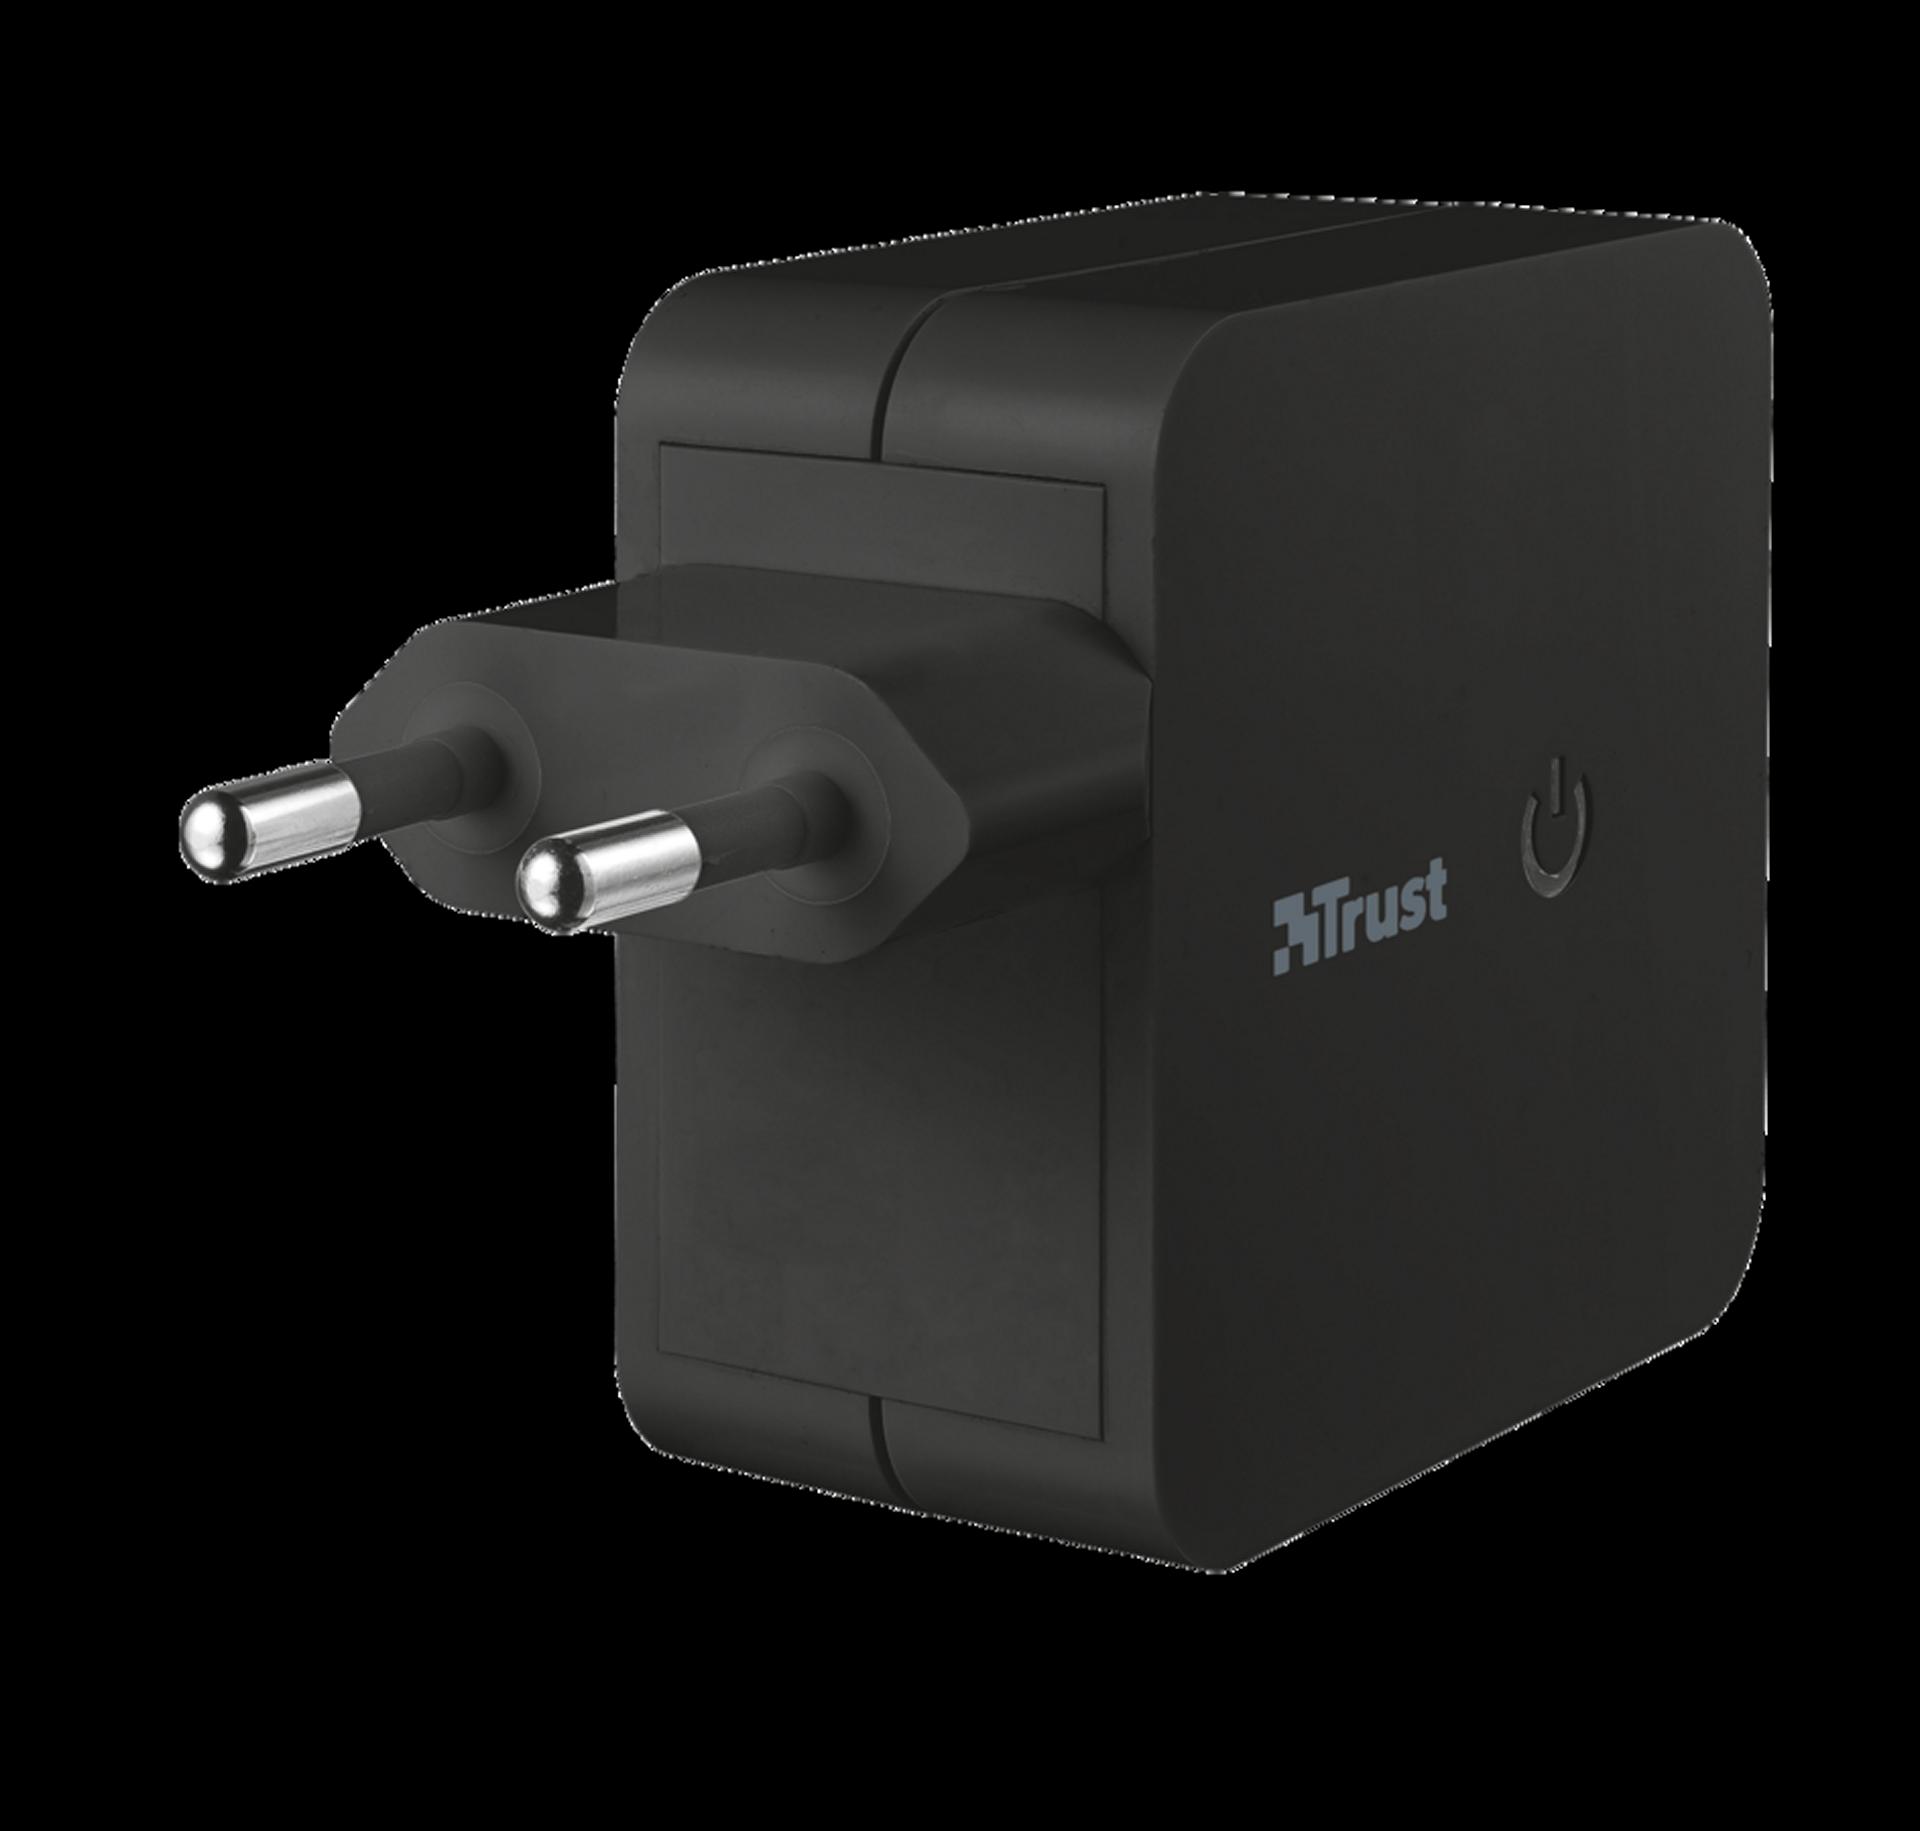 nabíječka TRUST Wall Charger 2 USB ports - 2x12W